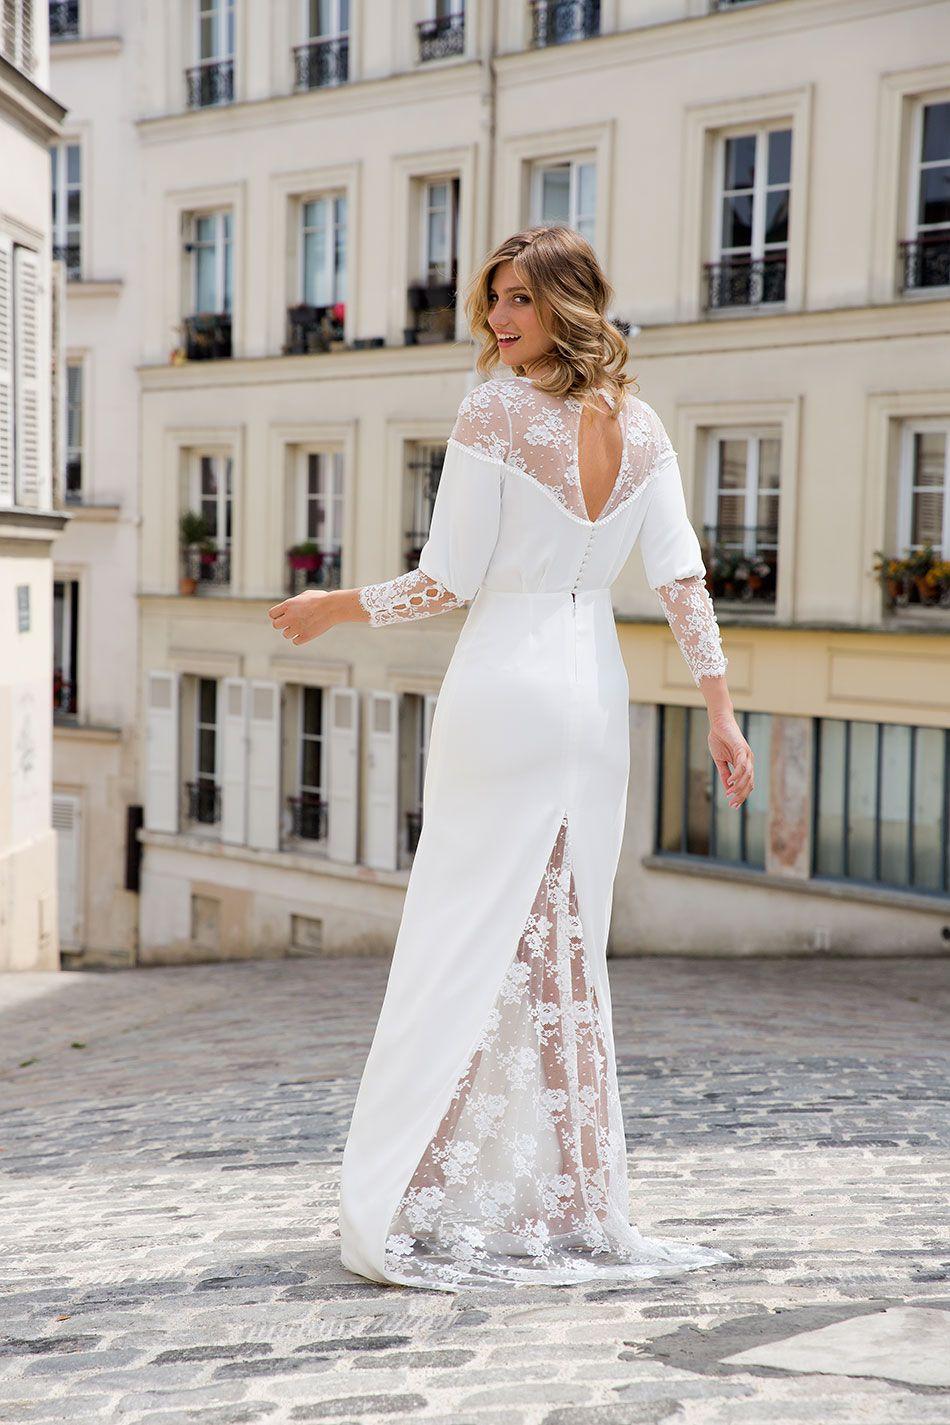 Lace wedding dress ivory january 2019 Dans les baskets de lamariée  Marie LaporteCollection